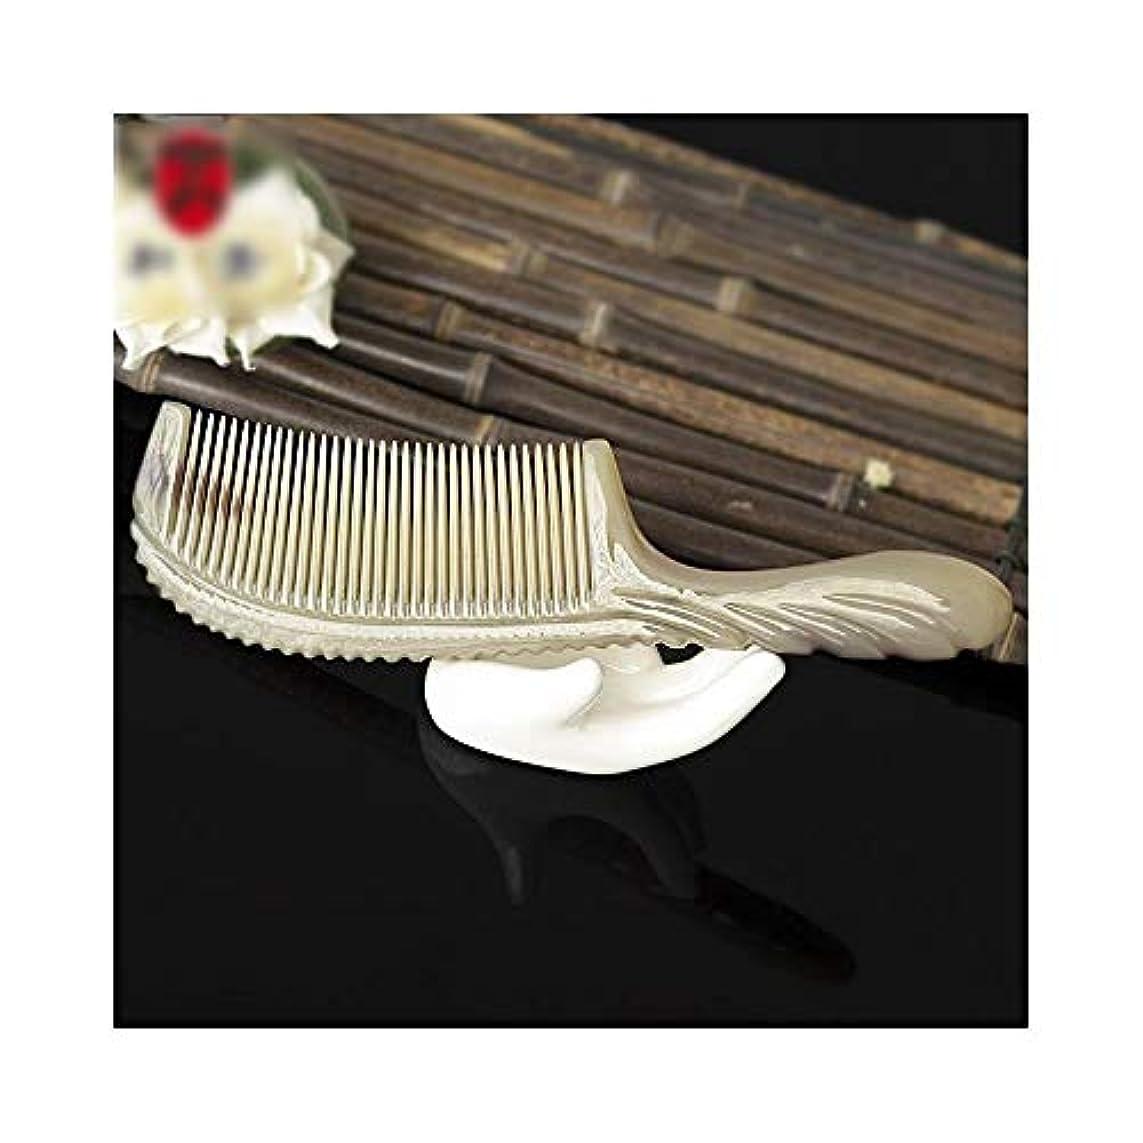 離れた社会アクセスヘアコーム理髪くし 女性のための帯電防止ヘアコームハンドル100%ナチュラルバッファローホーンくしファイン歯のくし ヘアスタイリングコーム (Color : 7047)